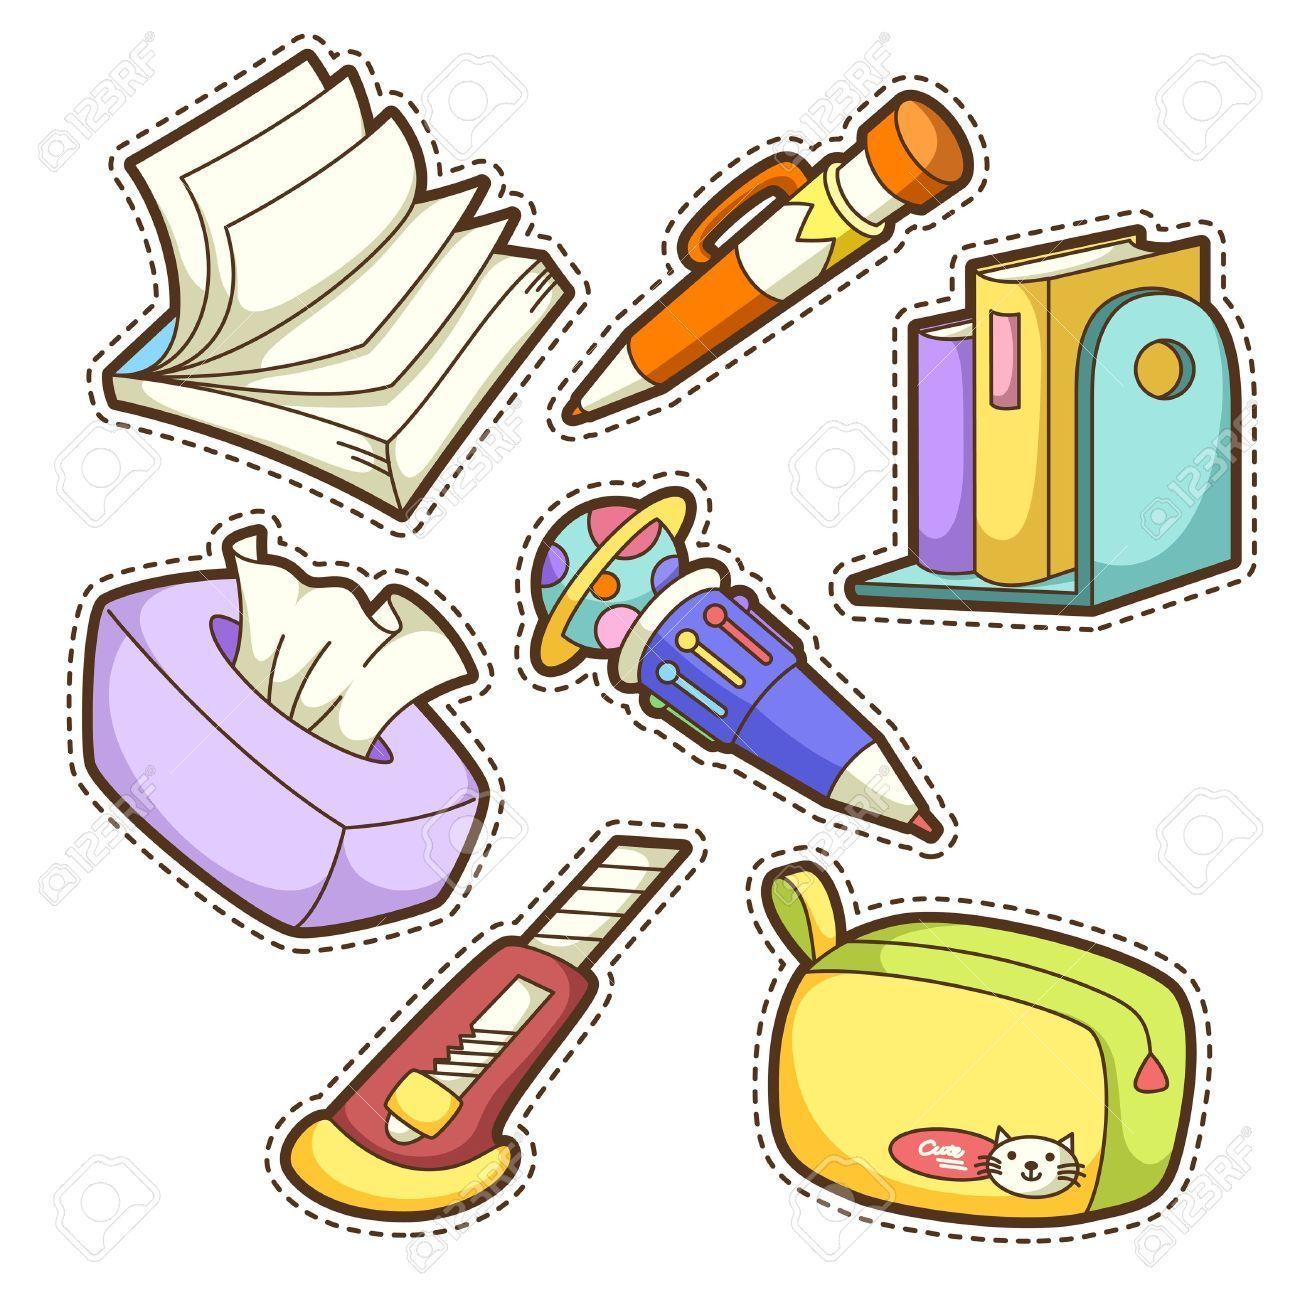 School tools clipart 4 » Clipart Portal.